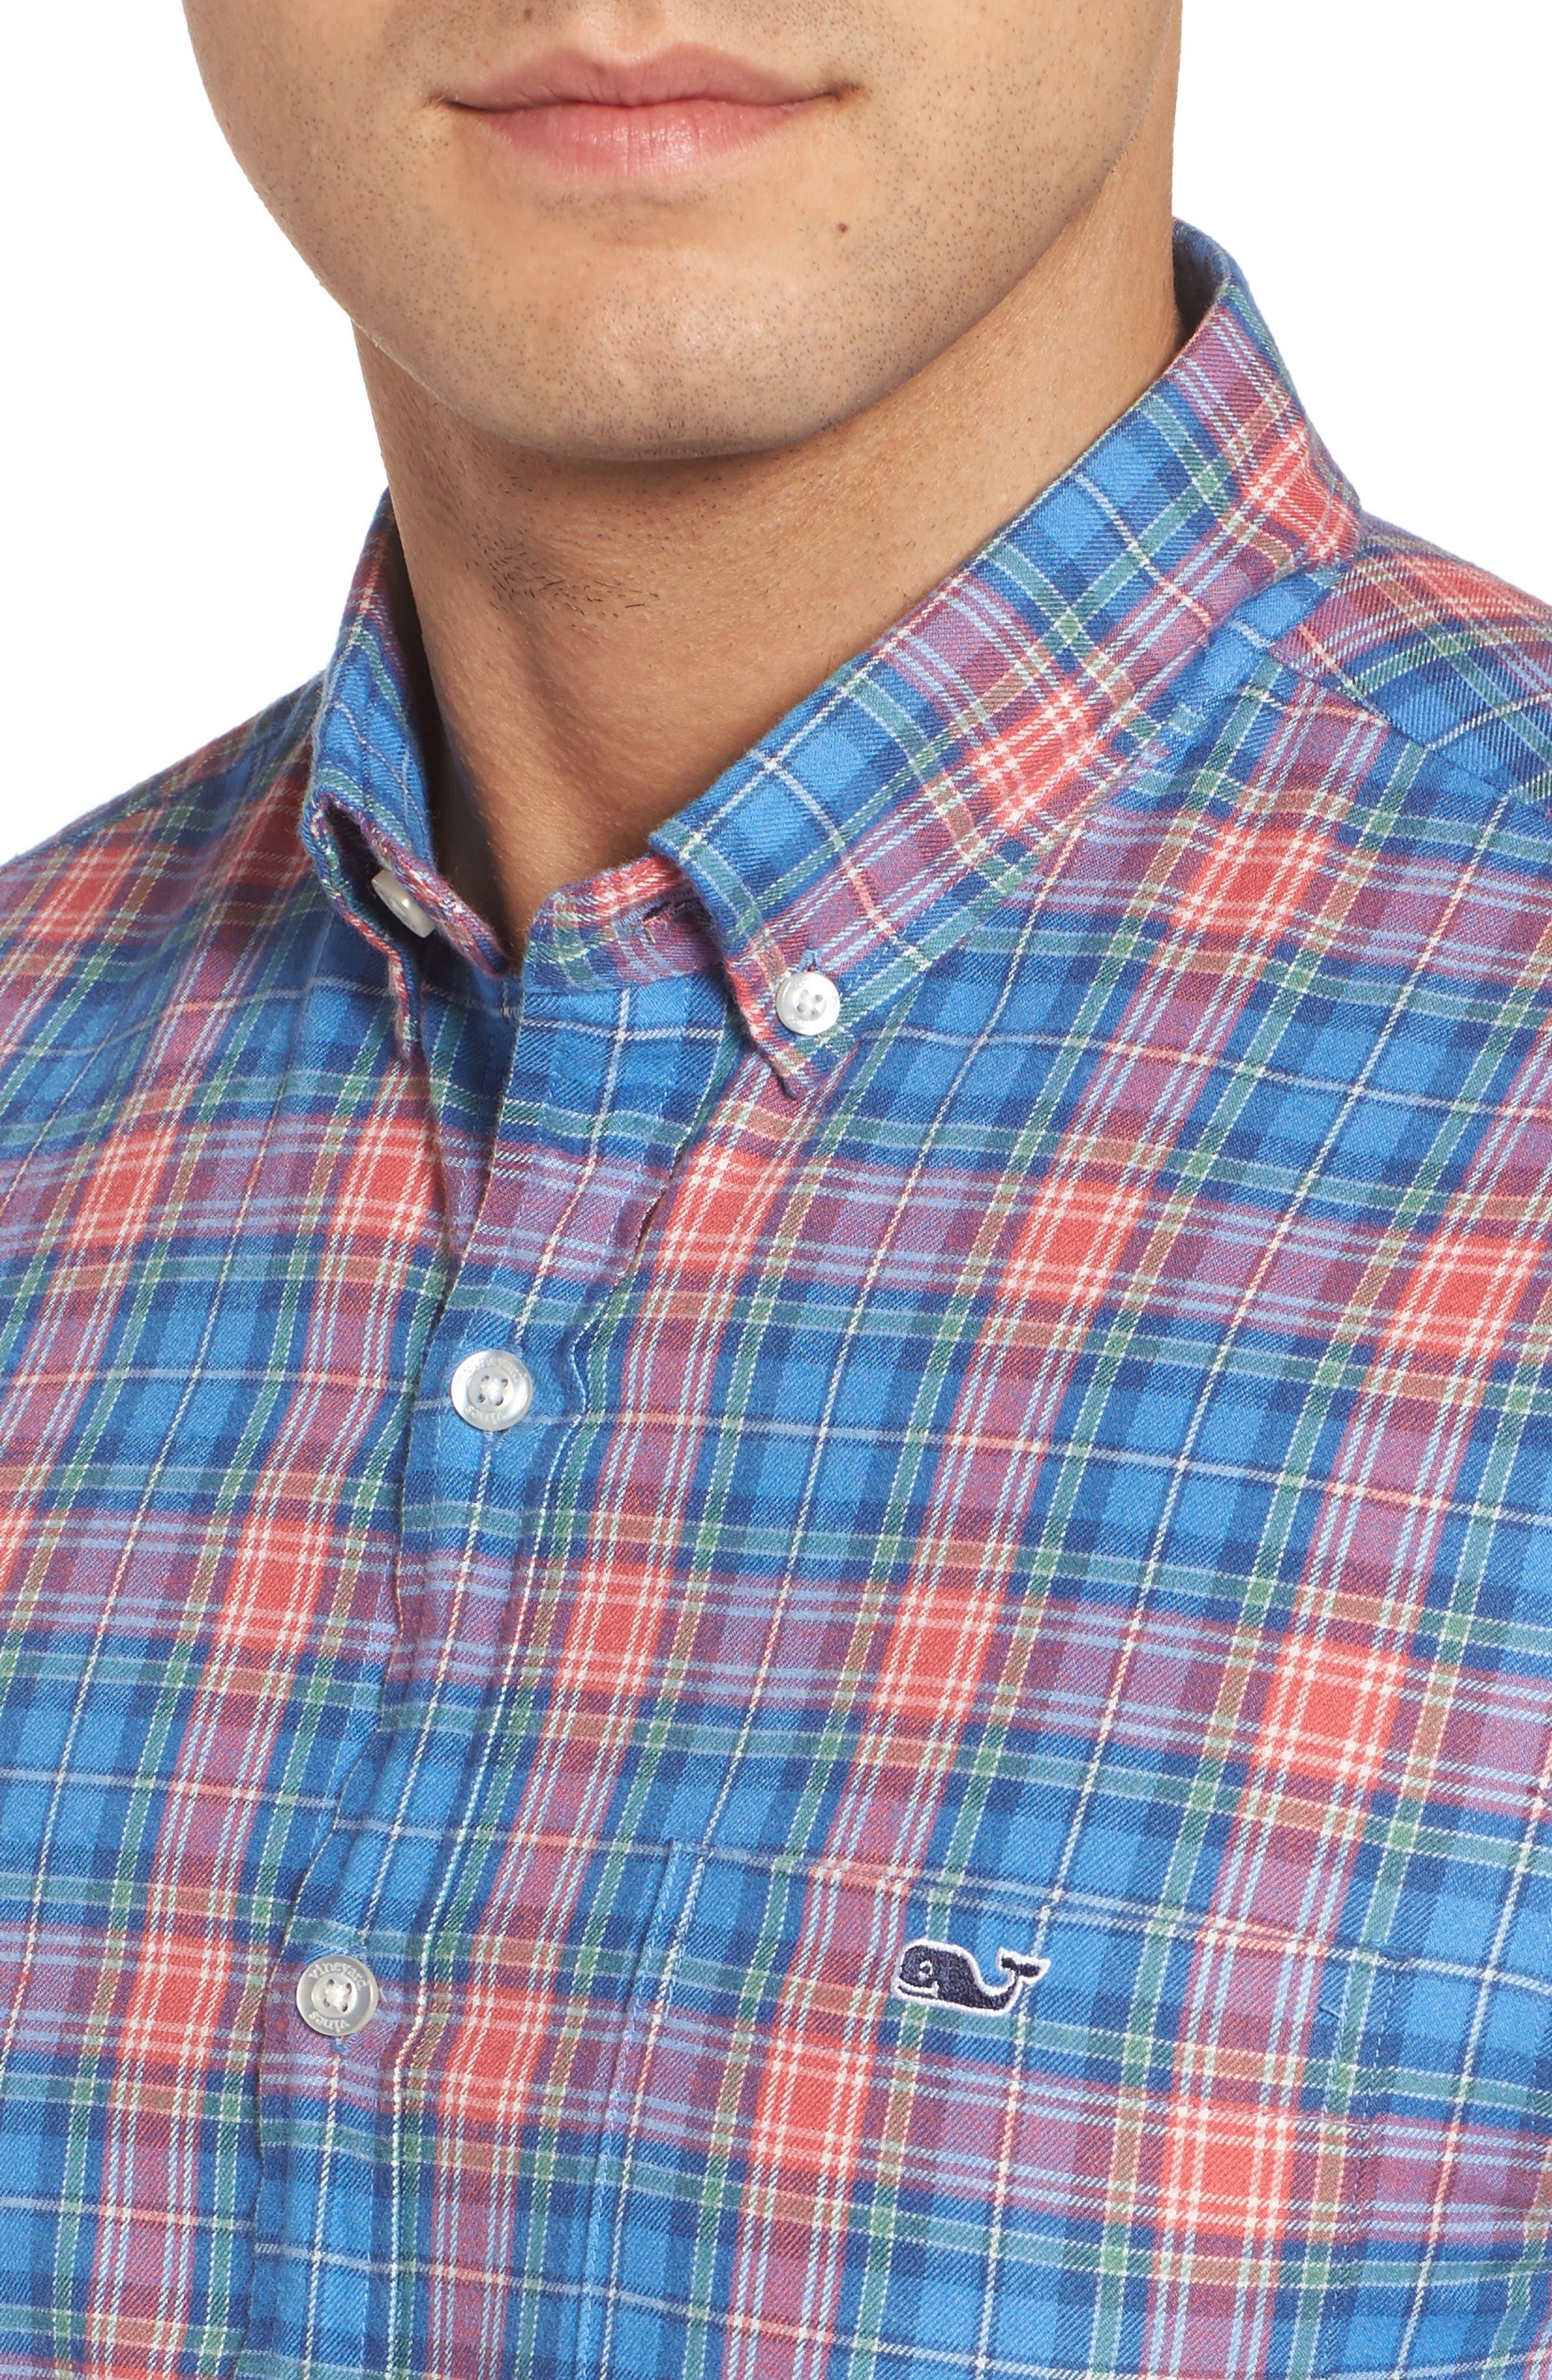 Kingsley Park Slim Fit Plaid Sport Shirt,                             Alternate thumbnail 4, color,                             Bimini Blue